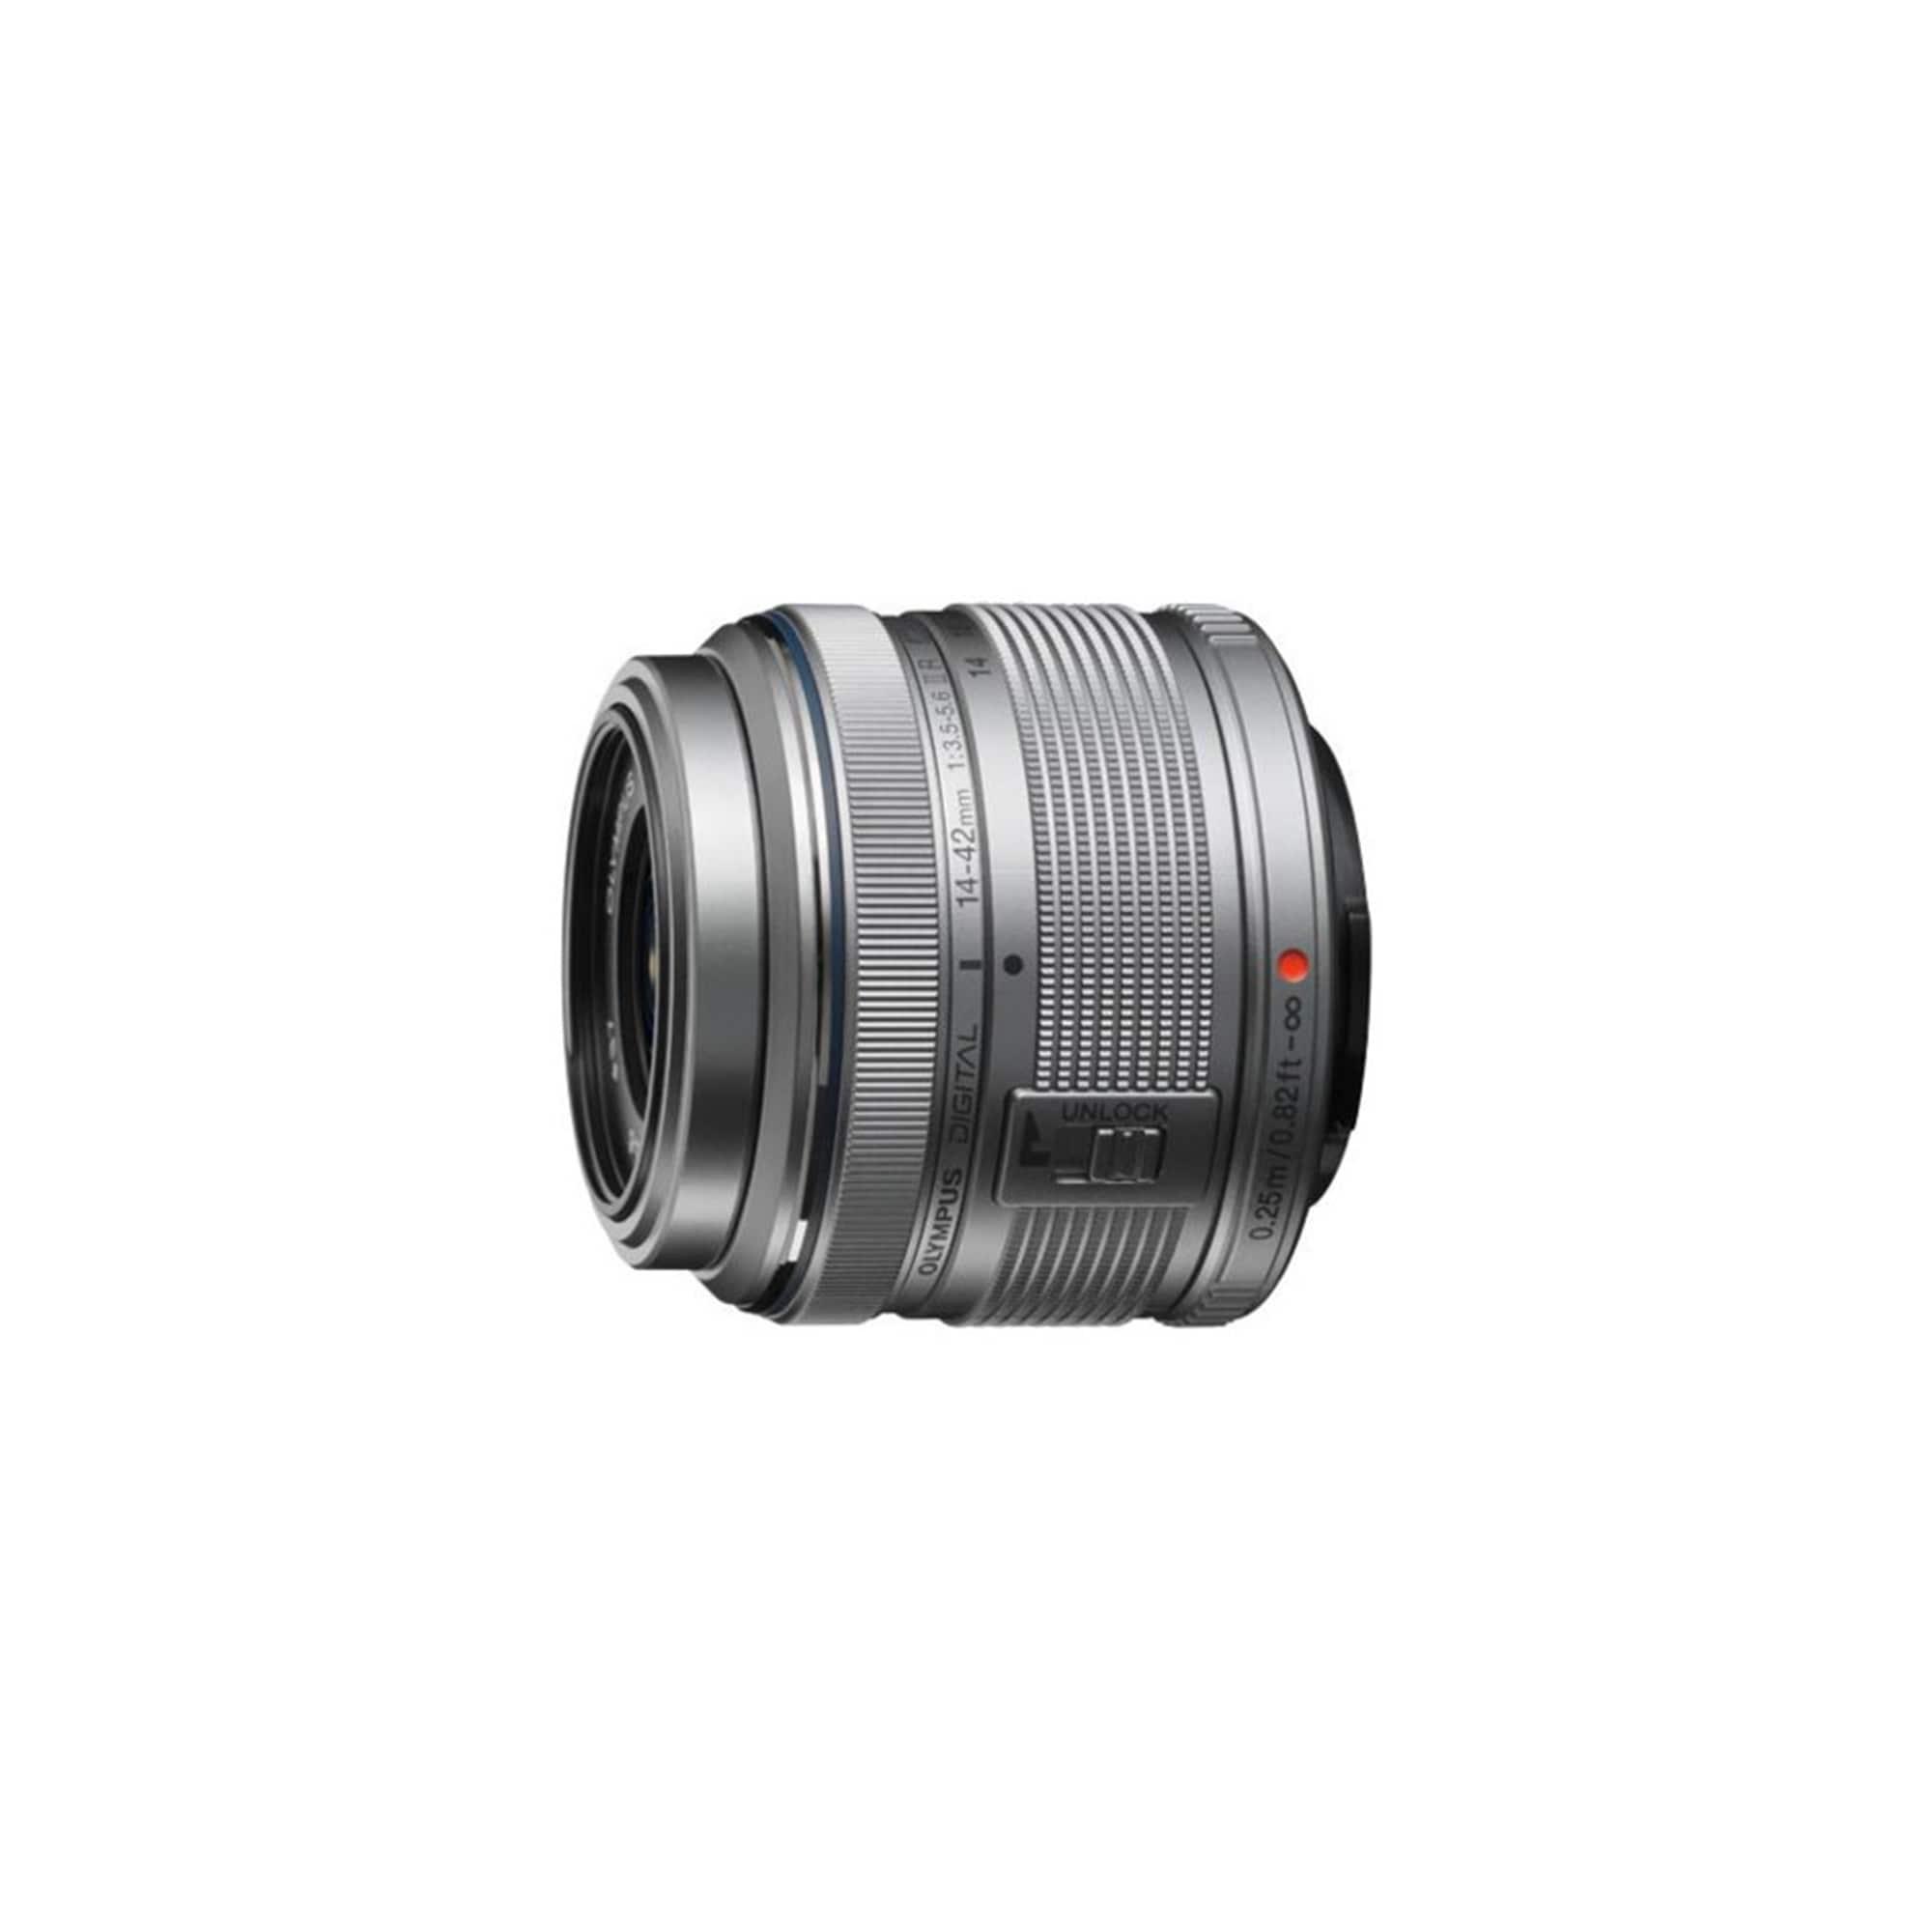 Olympus MSC II R 14-42mm f/3,5-5,6 - DEMO EX